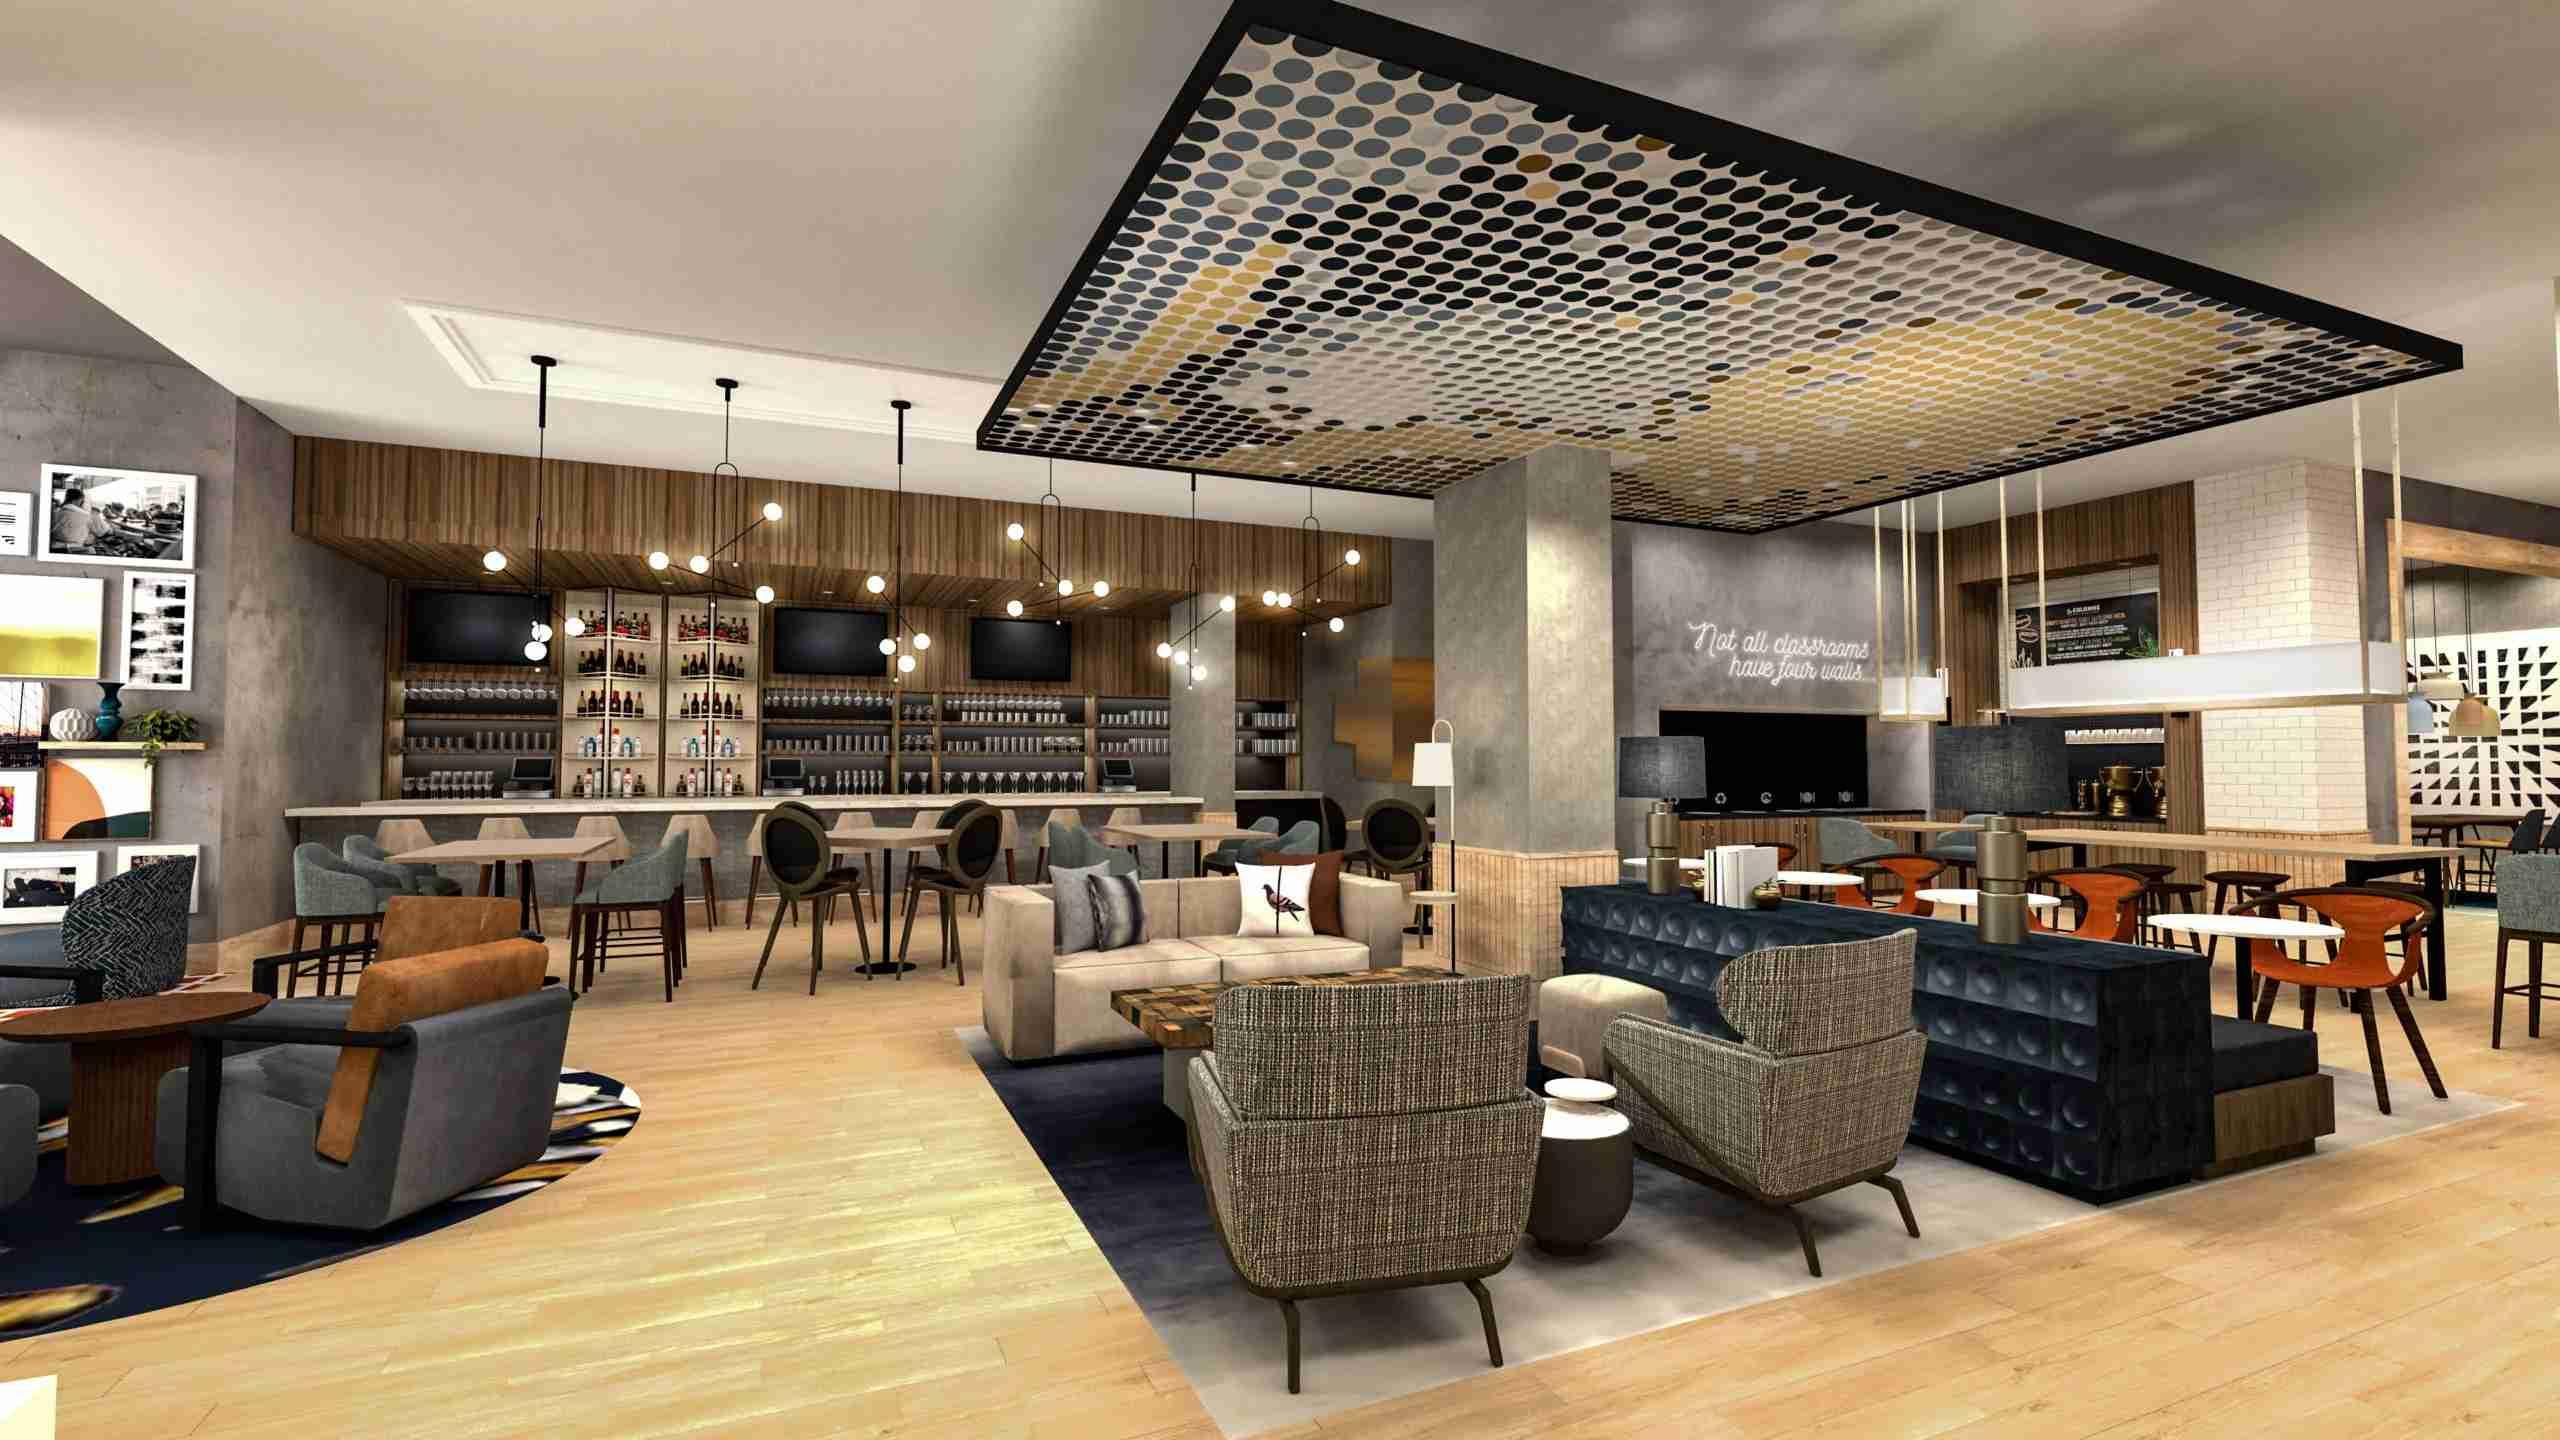 Image courtesy of Hilton.